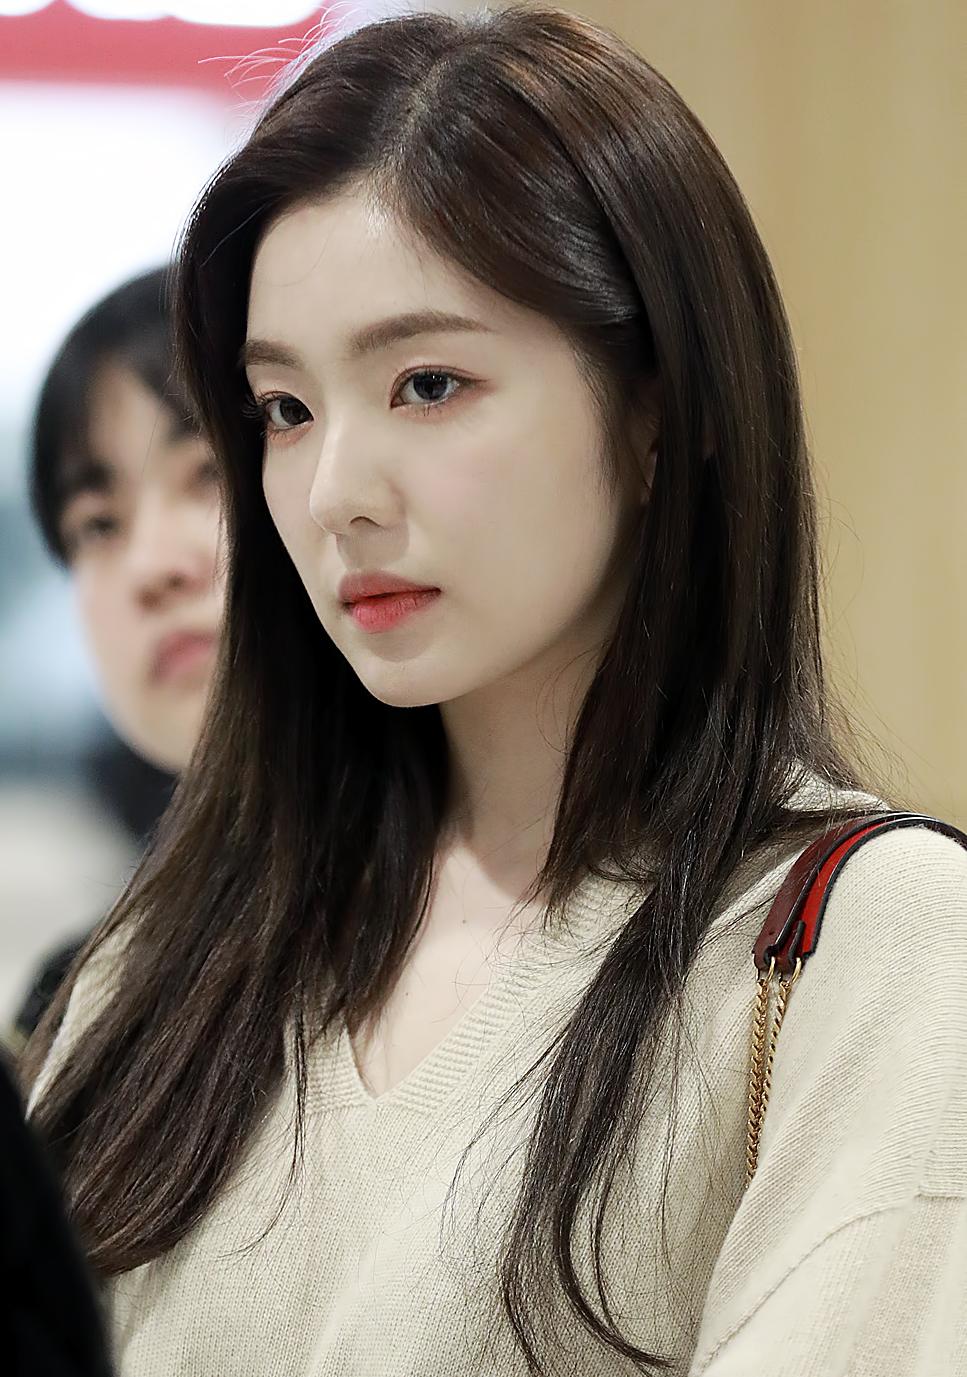 Does Red Velvet's Irene look old   Quora